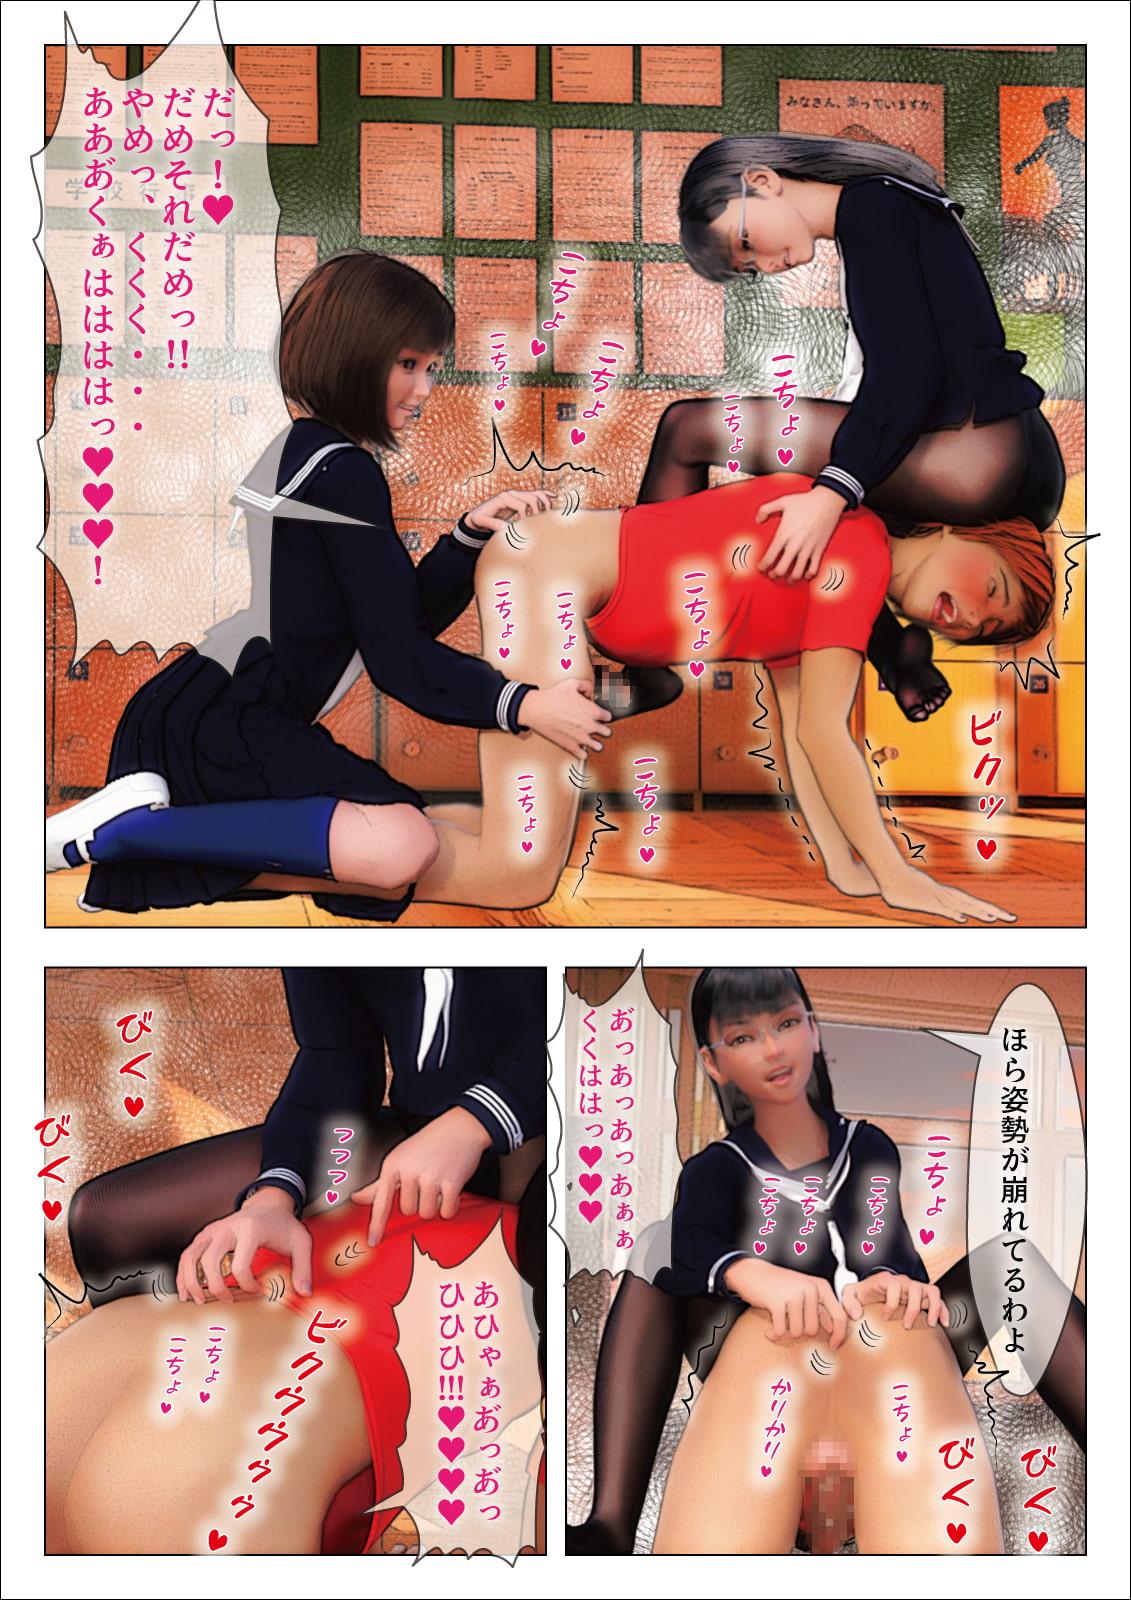 サキちゃんと図書委員長ユリちゃんに足コキとくすぐり責めで奴隷にされる ~いじめっこ逆転くすぐり奴隷堕ち2~